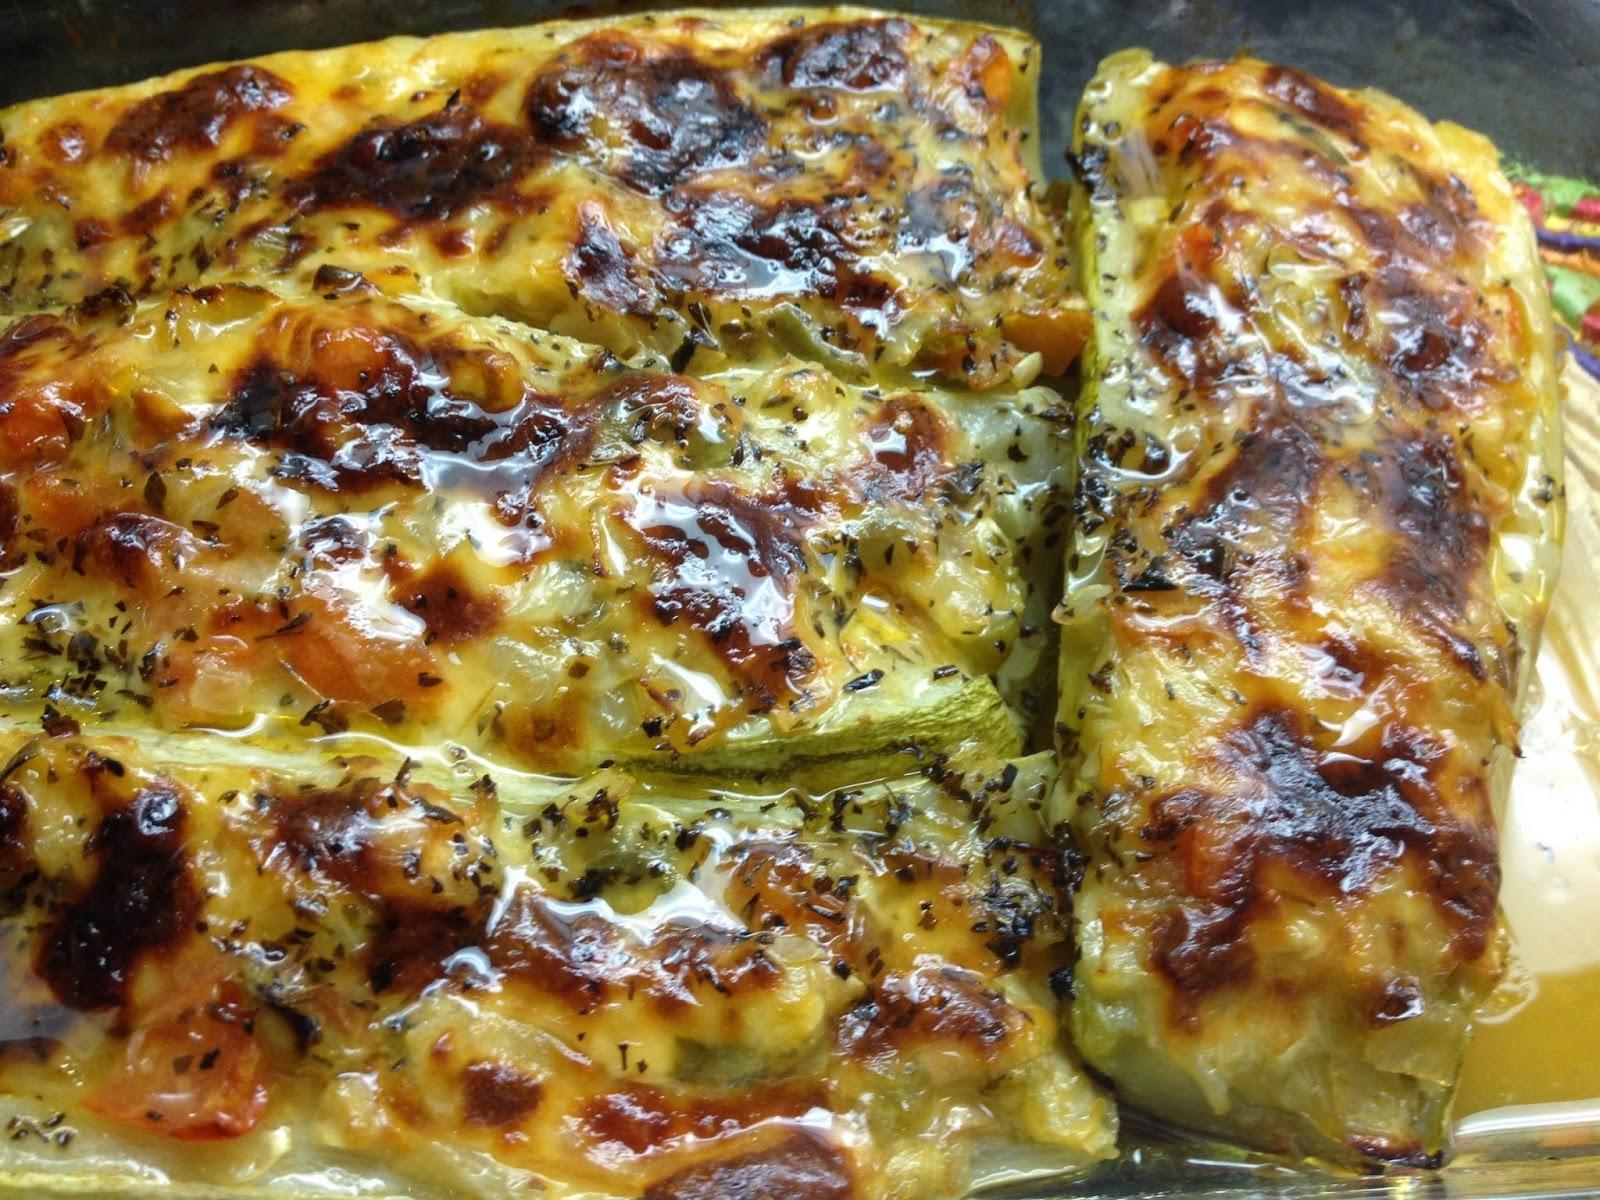 Abobrinha Recheada à Minha Moda! Foi uma grata surpresa essa abobrinha de forno com queijo! Experimente você também!